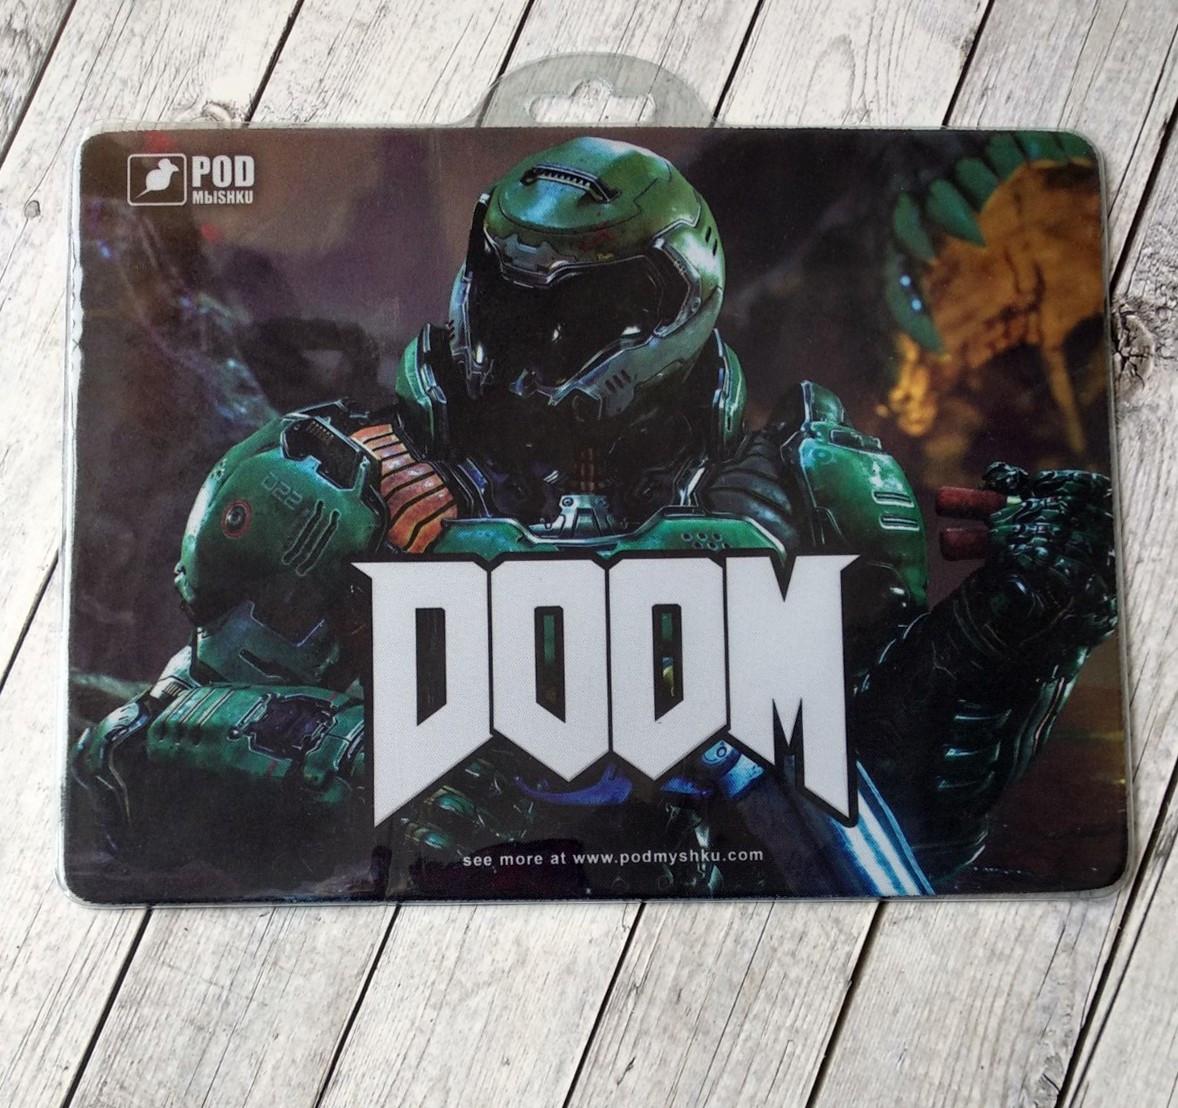 Коврик для мыши Podmyshku Doom для игровой мыши, ткань, размер S  - купить со скидкой